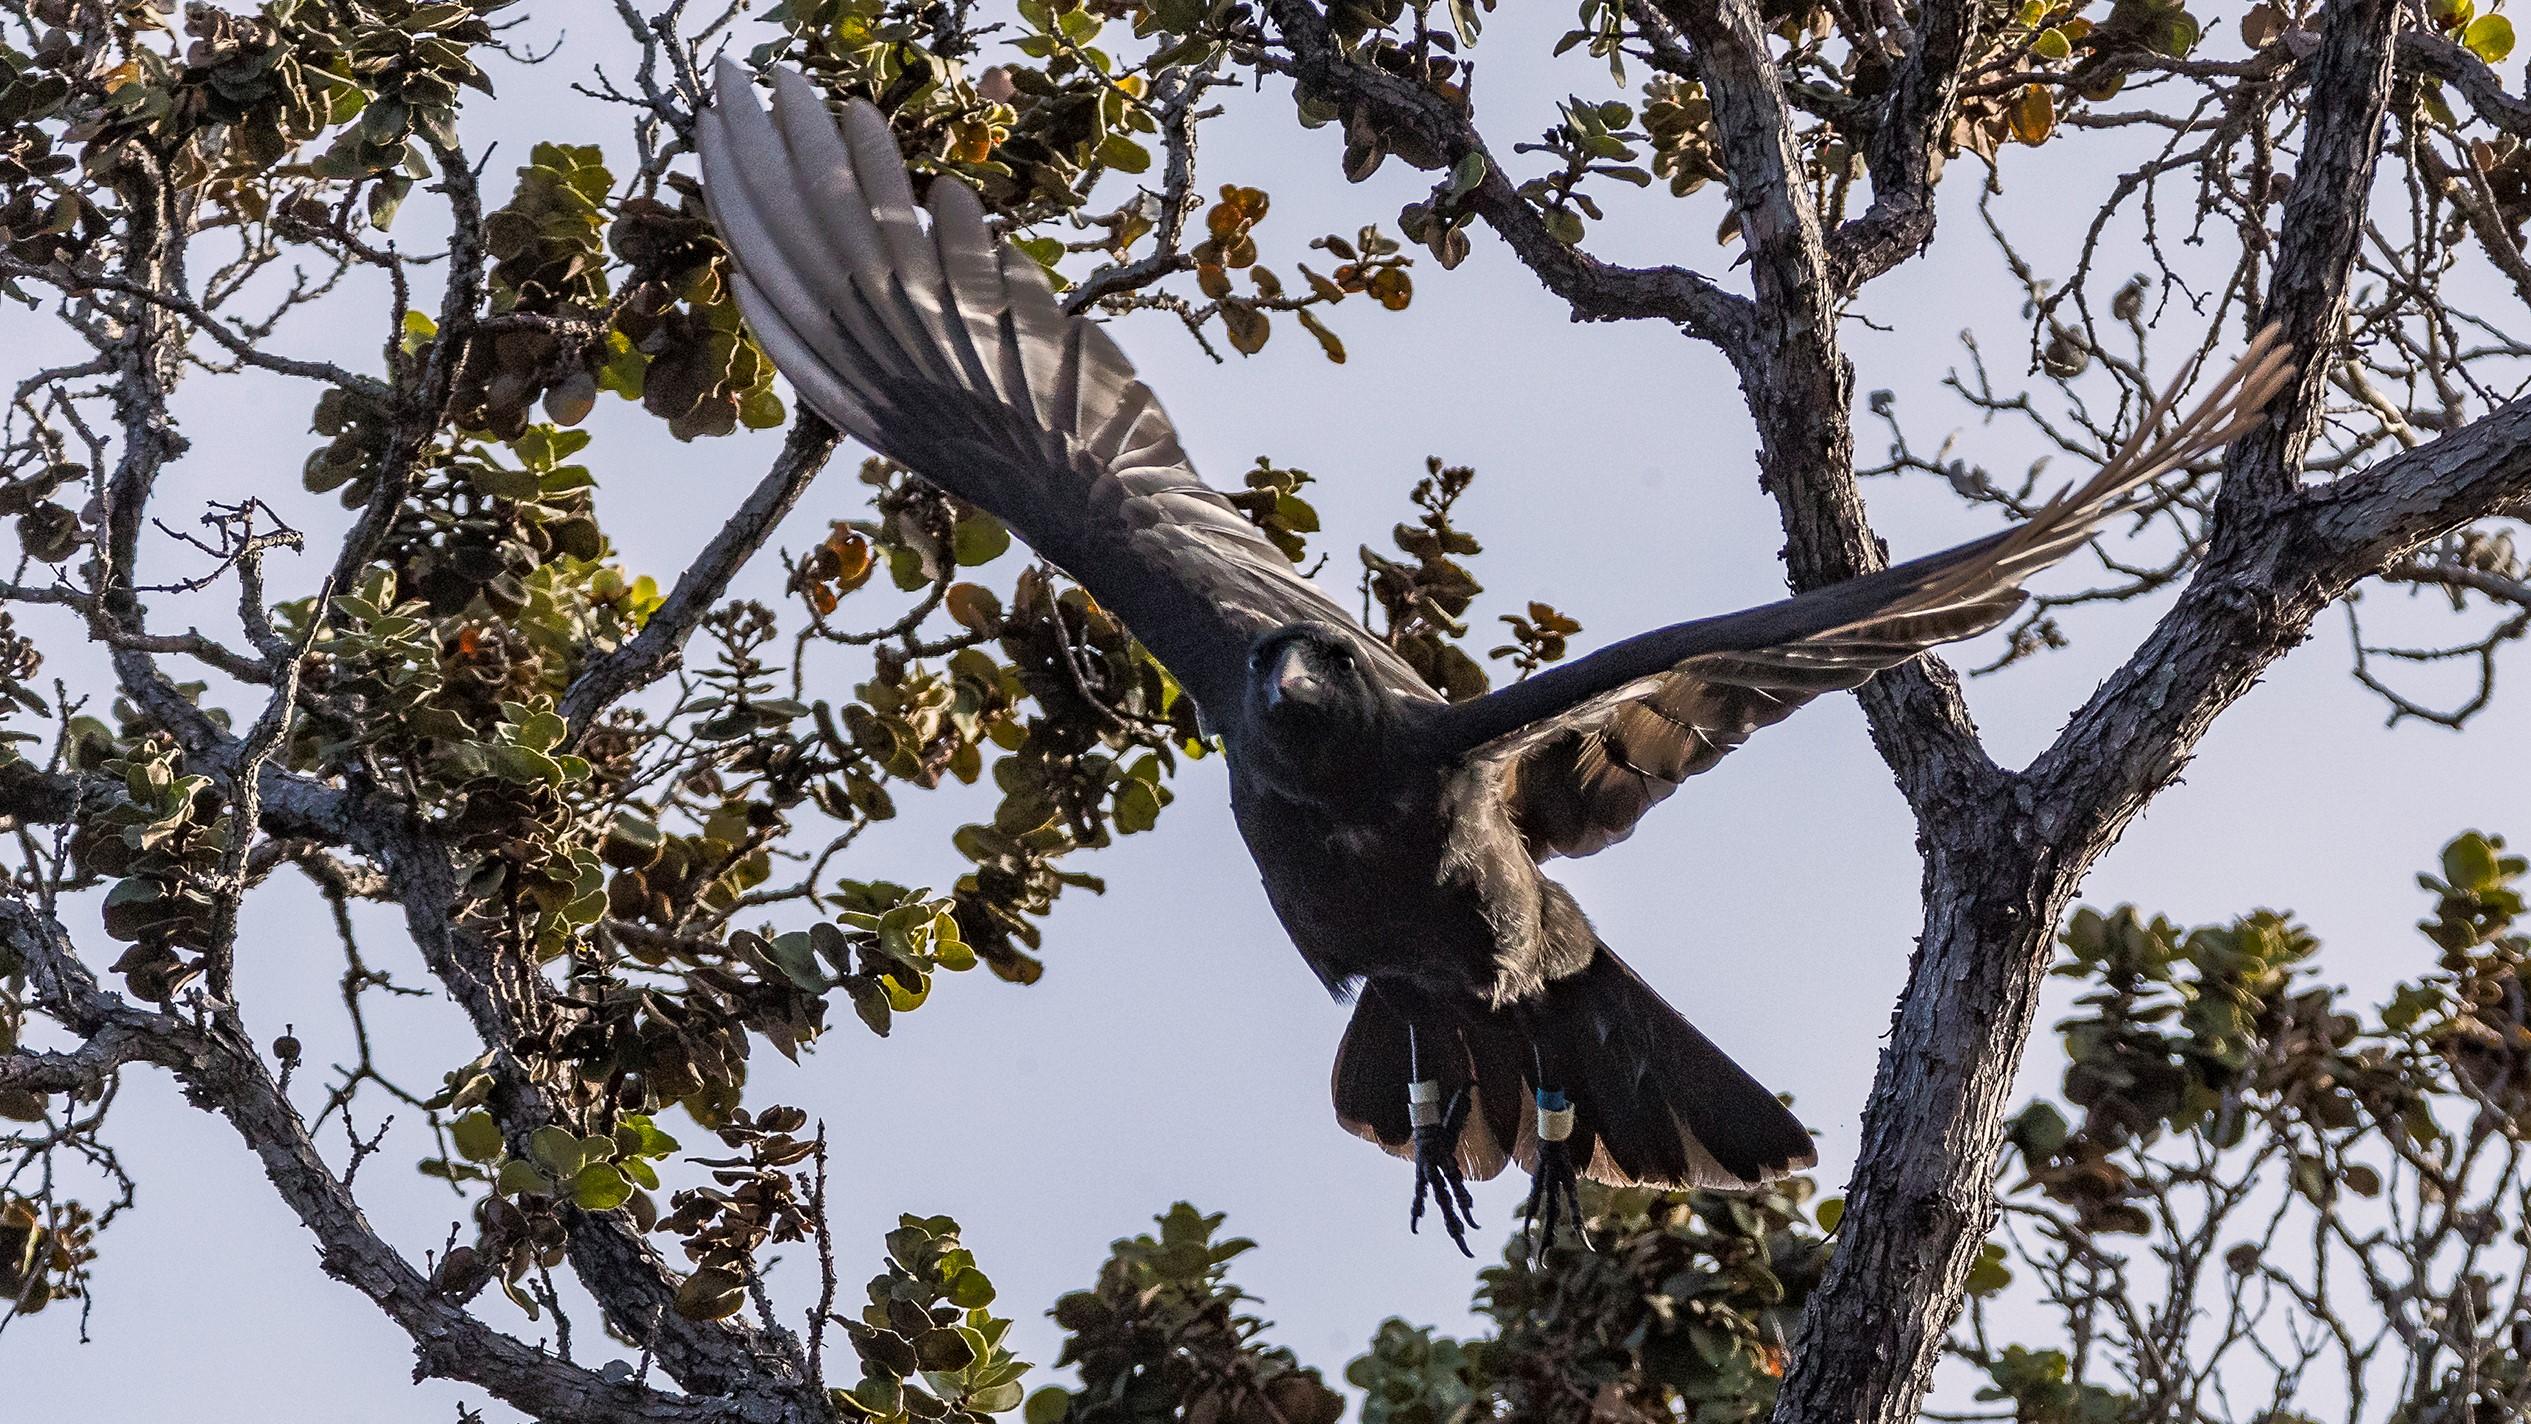 ʻAlalā in flight, ID bands on legs, wings full spread in flight.